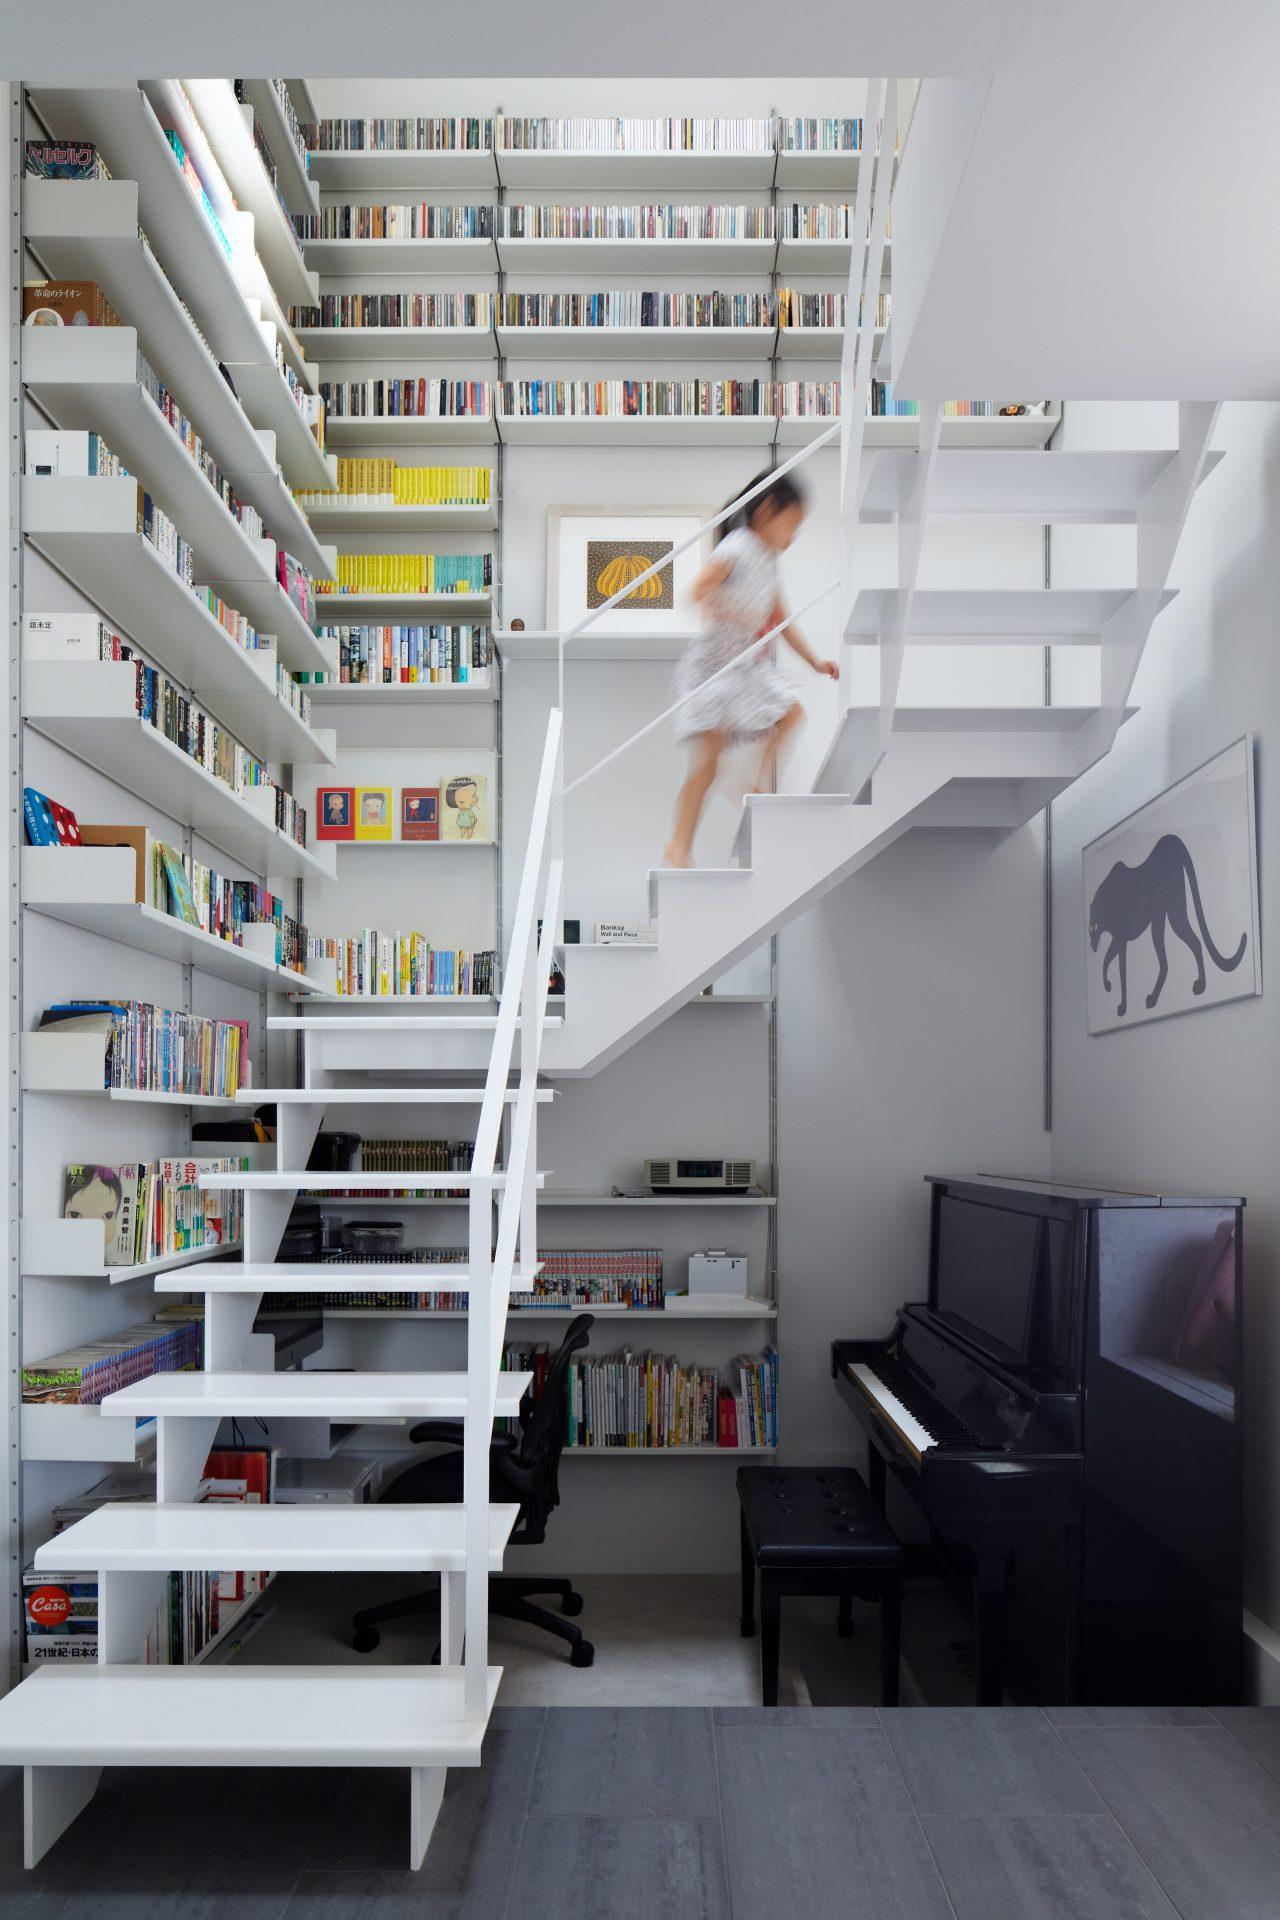 兵庫甲陽園サンルームのある家の階段01